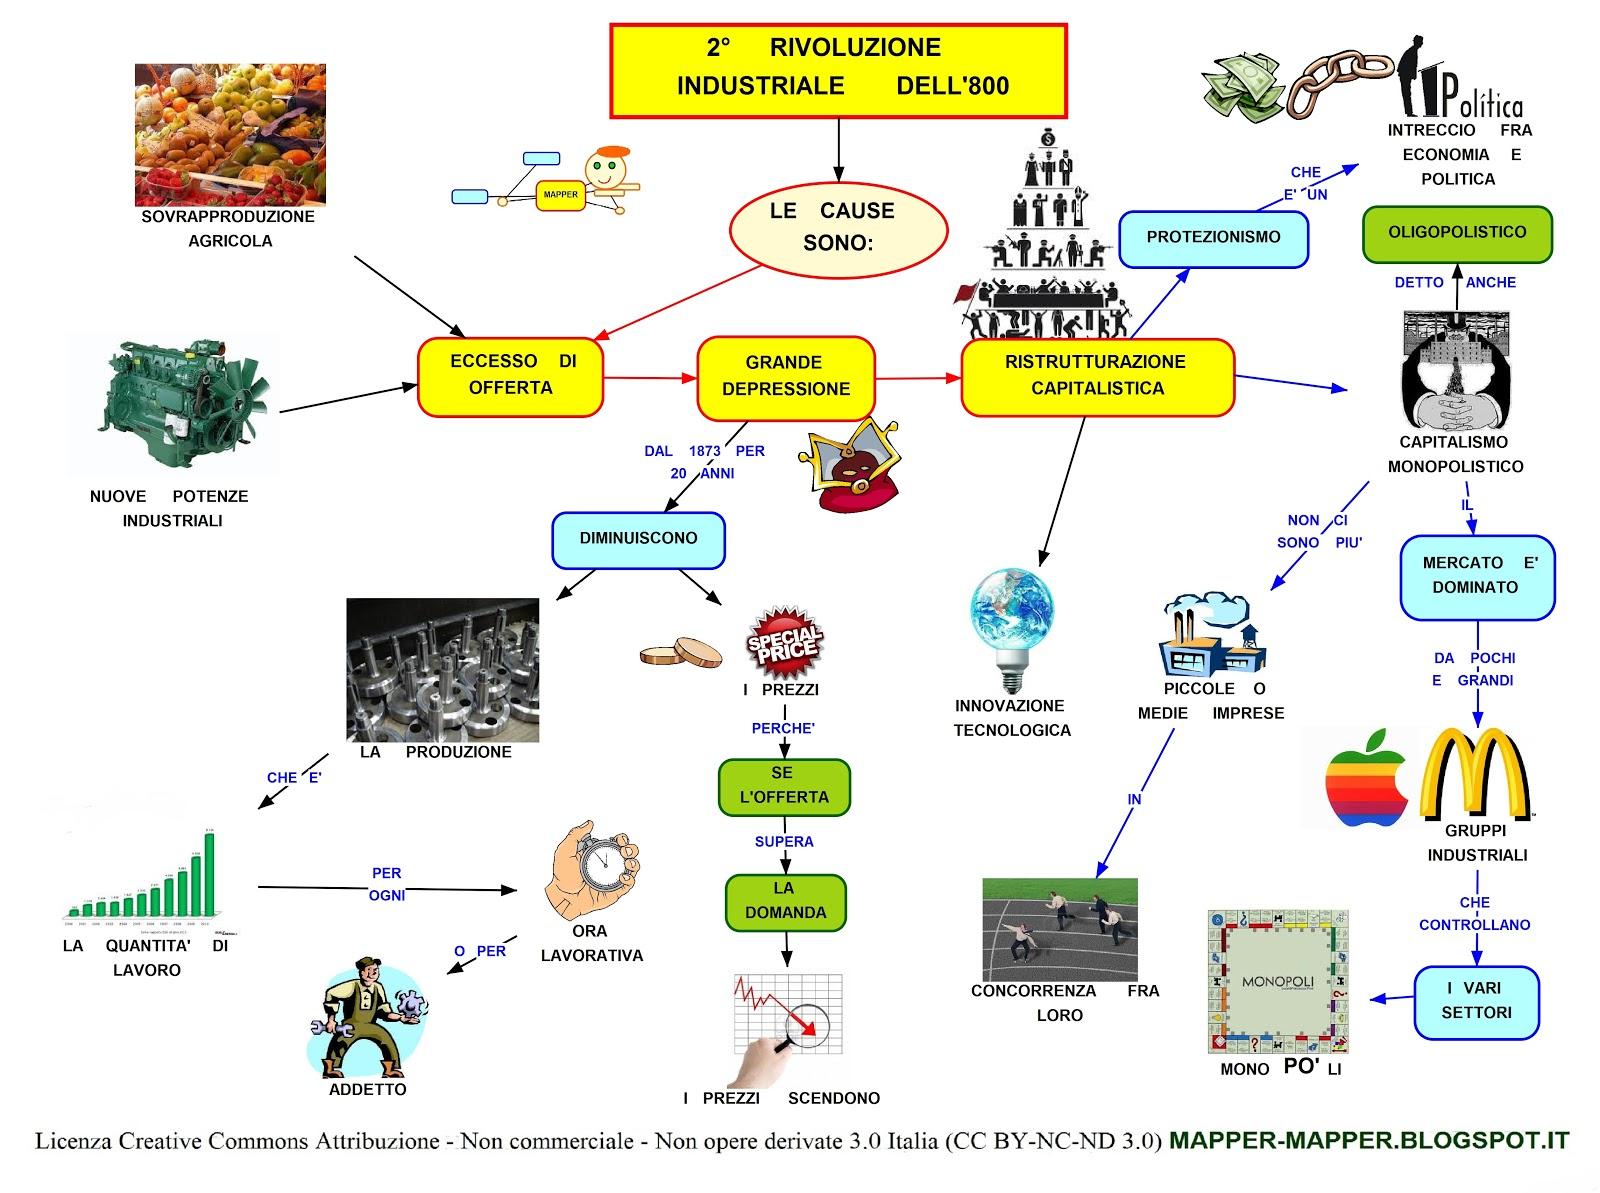 Rivoluzione industriale: riassunto e mappa concettuale ...